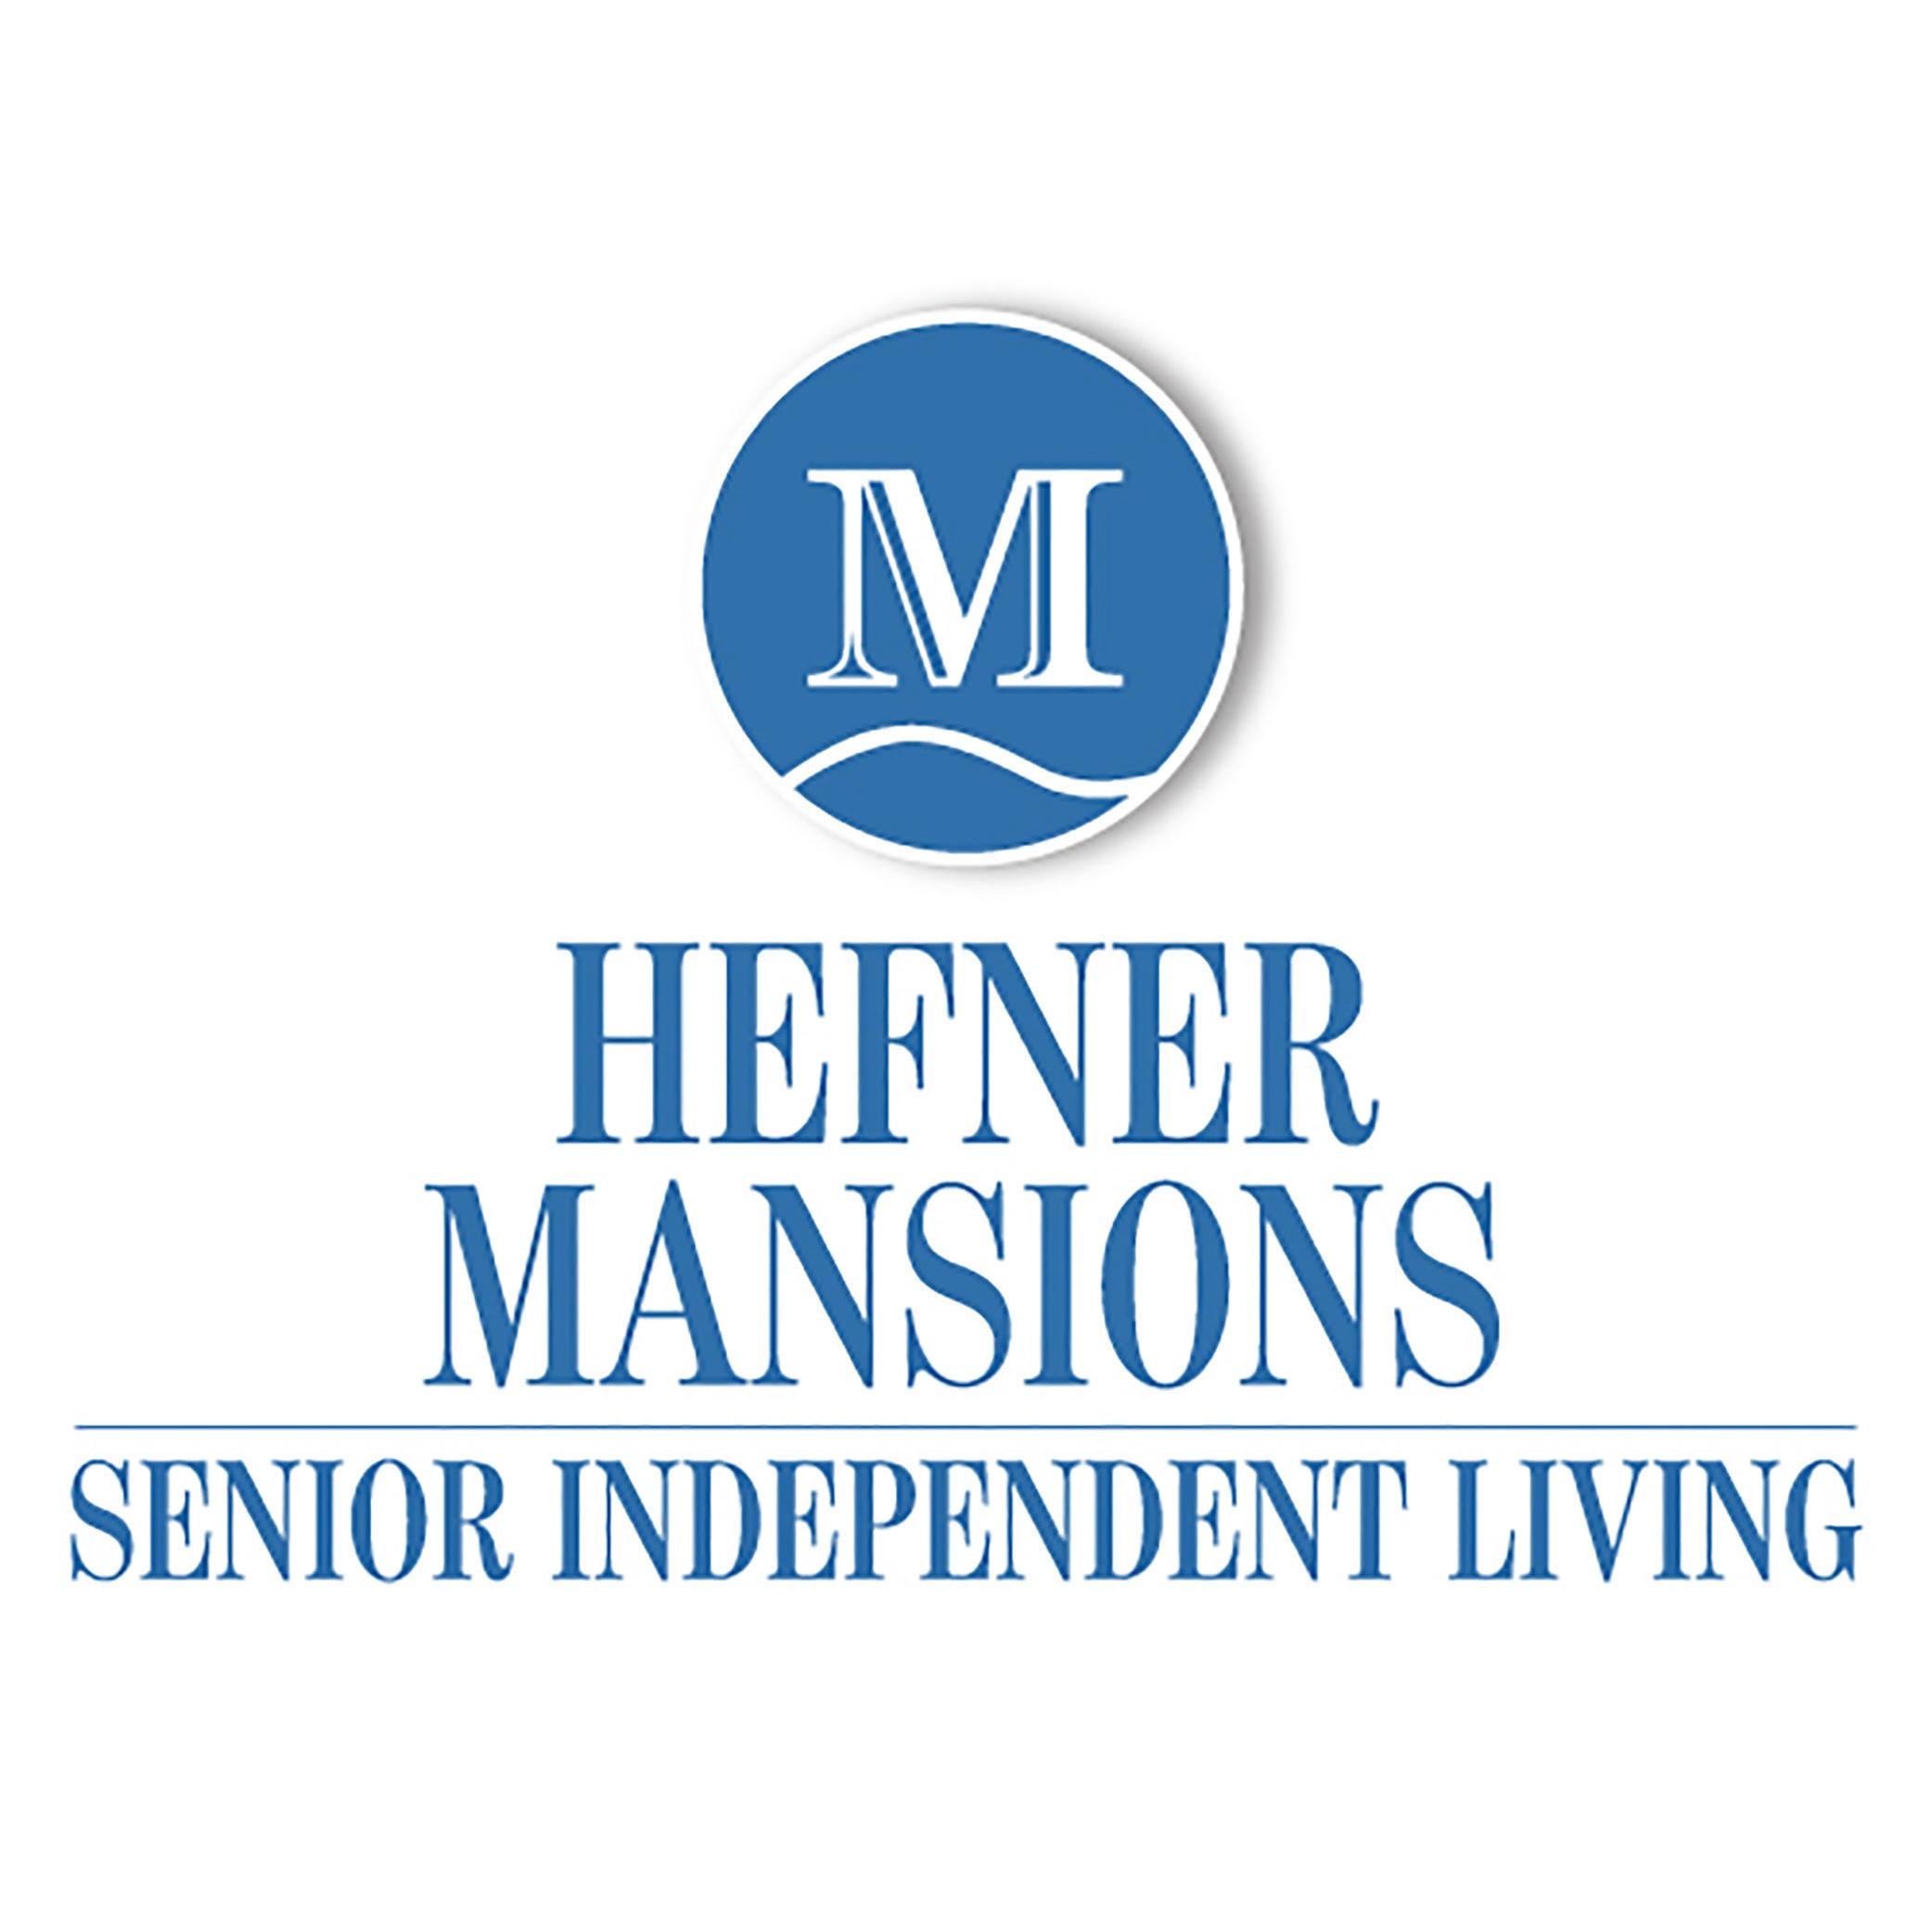 Hefner Mansions - Senior Independent Living